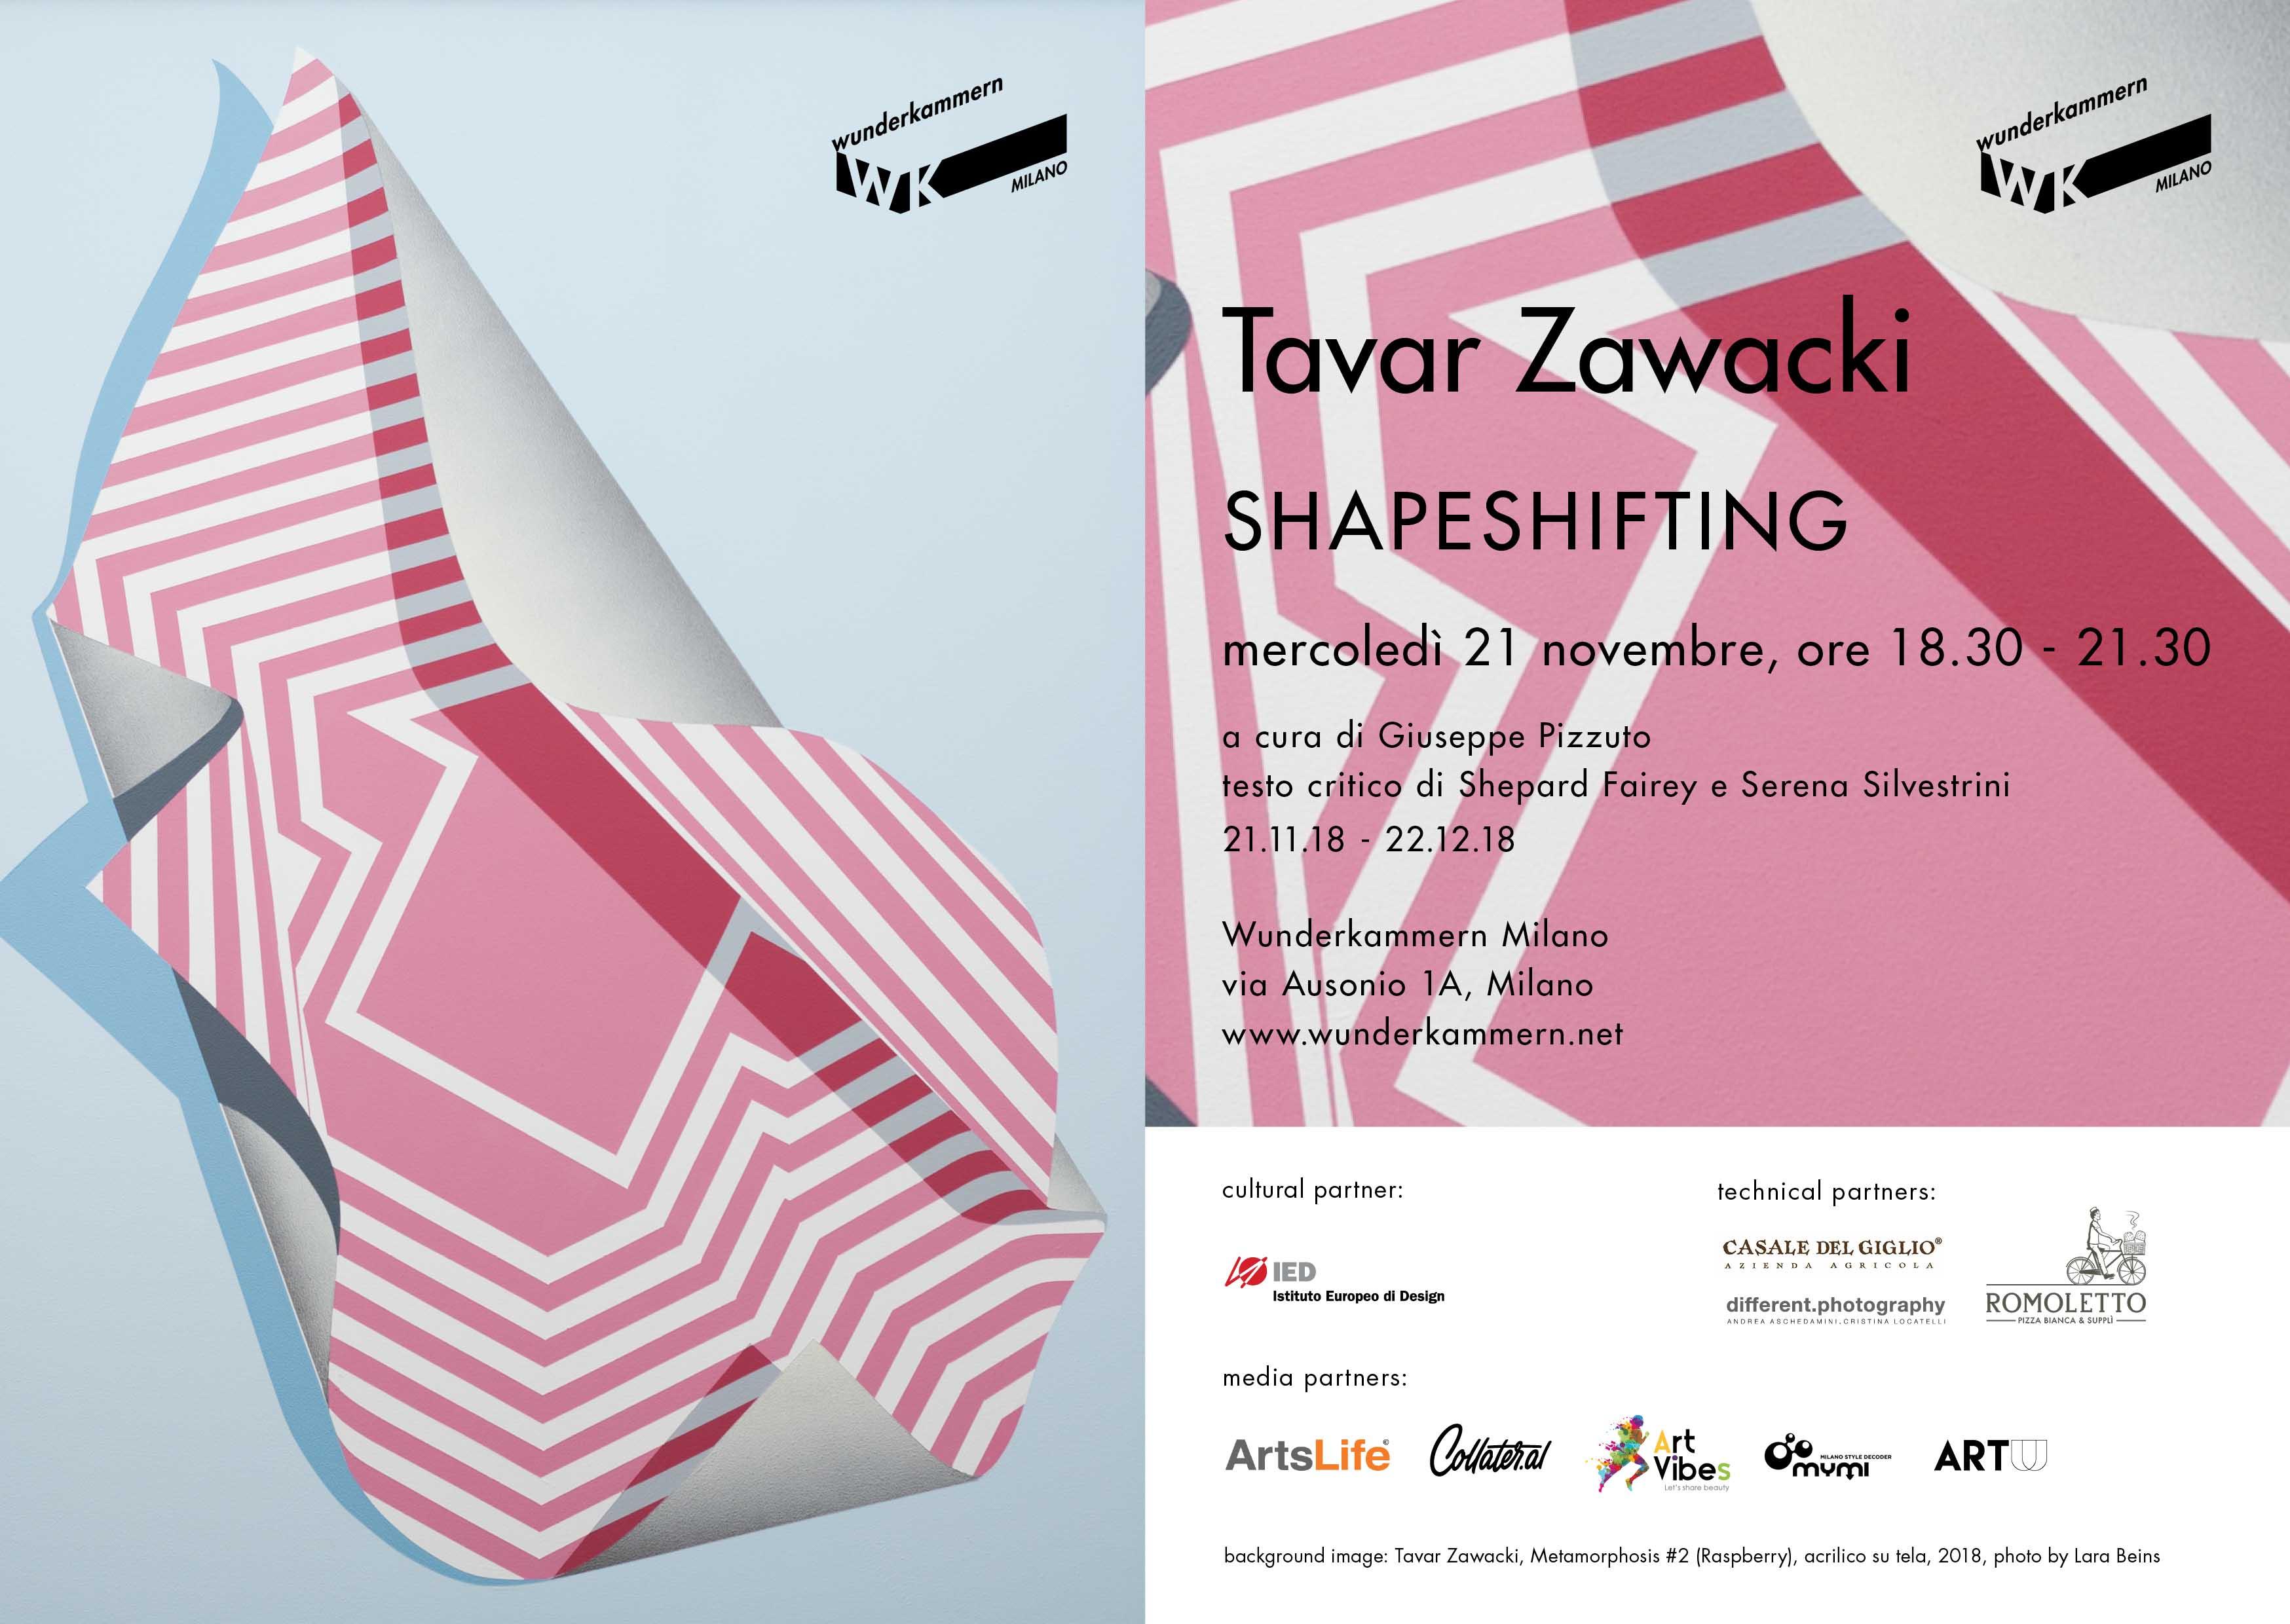 Dal 21 novembre al 22 dicembre 2018, la prima personale in Italia dell'artista americano Tavar Zawacki, SHAPESHIFTING, alla Wunderkammern di Milano.